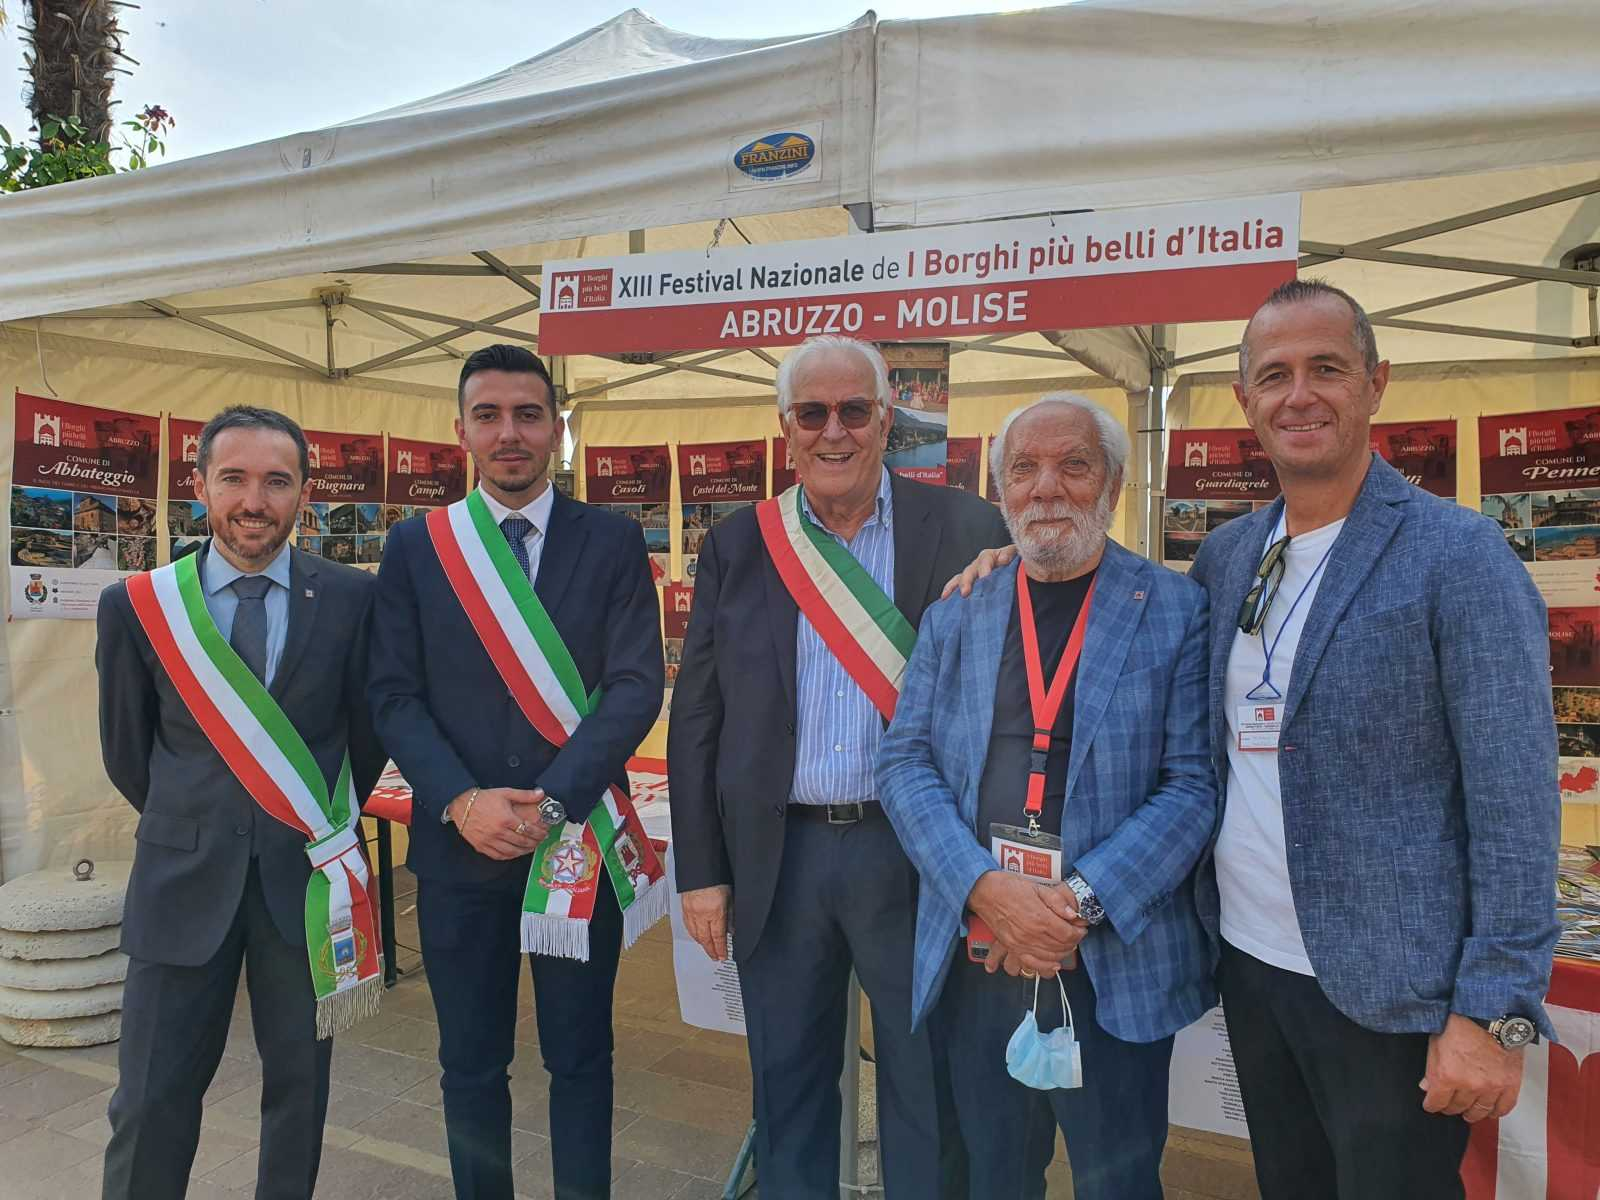 foto- -sara-l'abruzzo-ad-ospitare-la-14a-edizione-del-festival-nazionale-dei-borghi-piu-belli-d'italia!